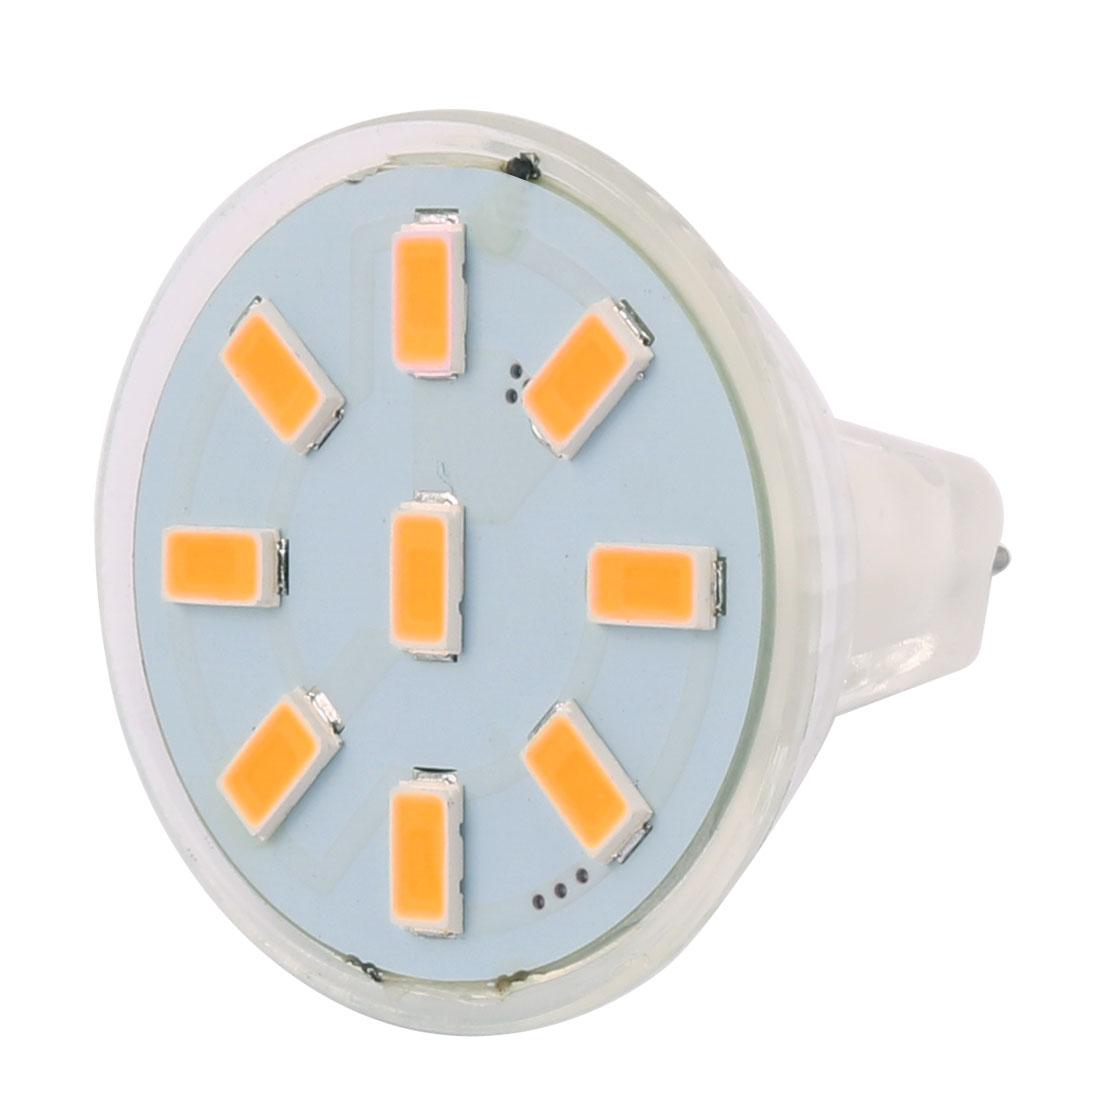 12-30V 2W MR11 5730 SMD 9 LEDs LED Bulb Light Spotlight Lamp Lighting Warm White